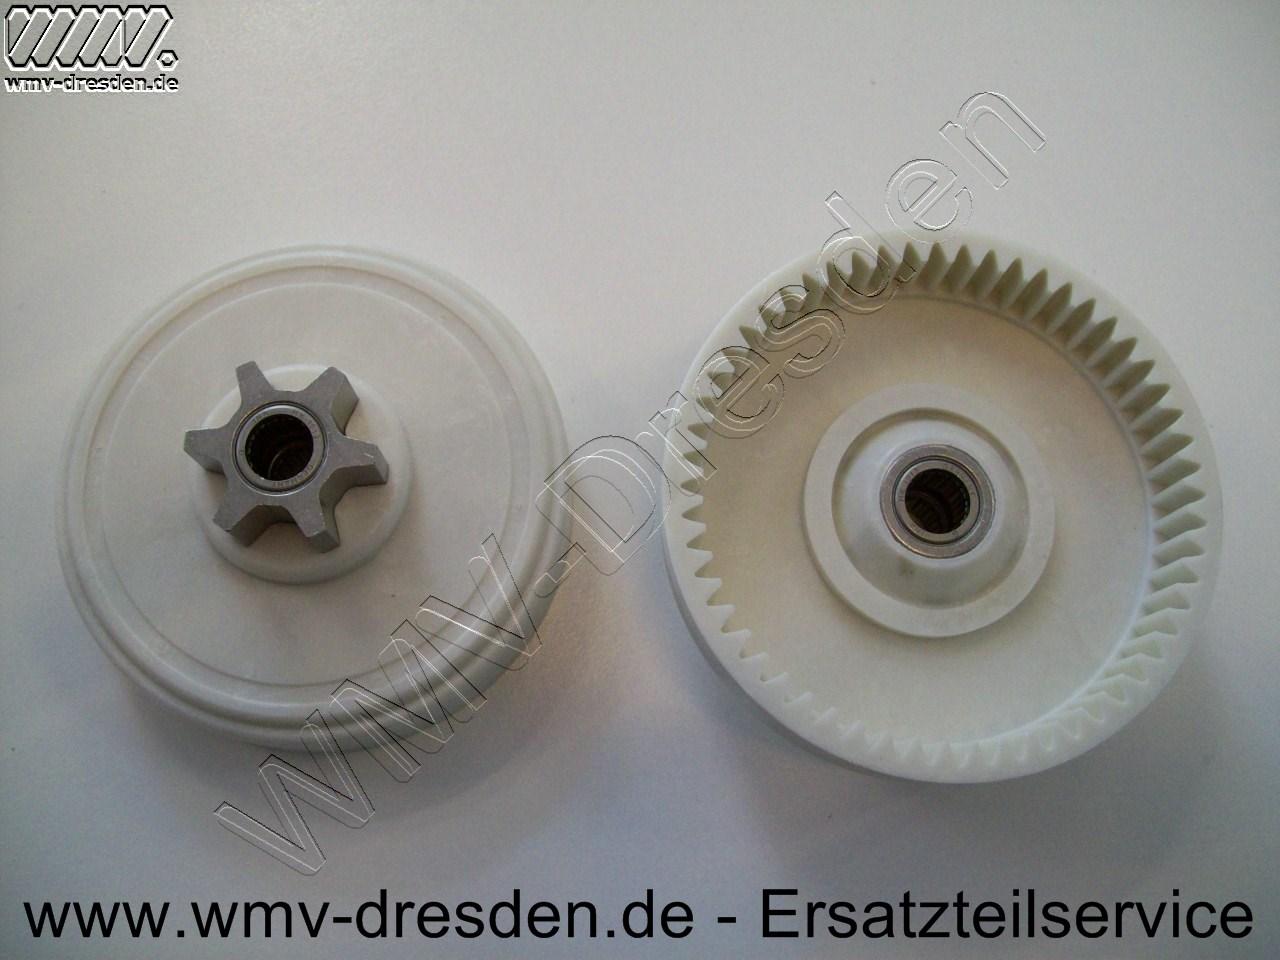 Kunststoff-Kettenritzel mit Nadellager >>> D 8,8 cm <<<